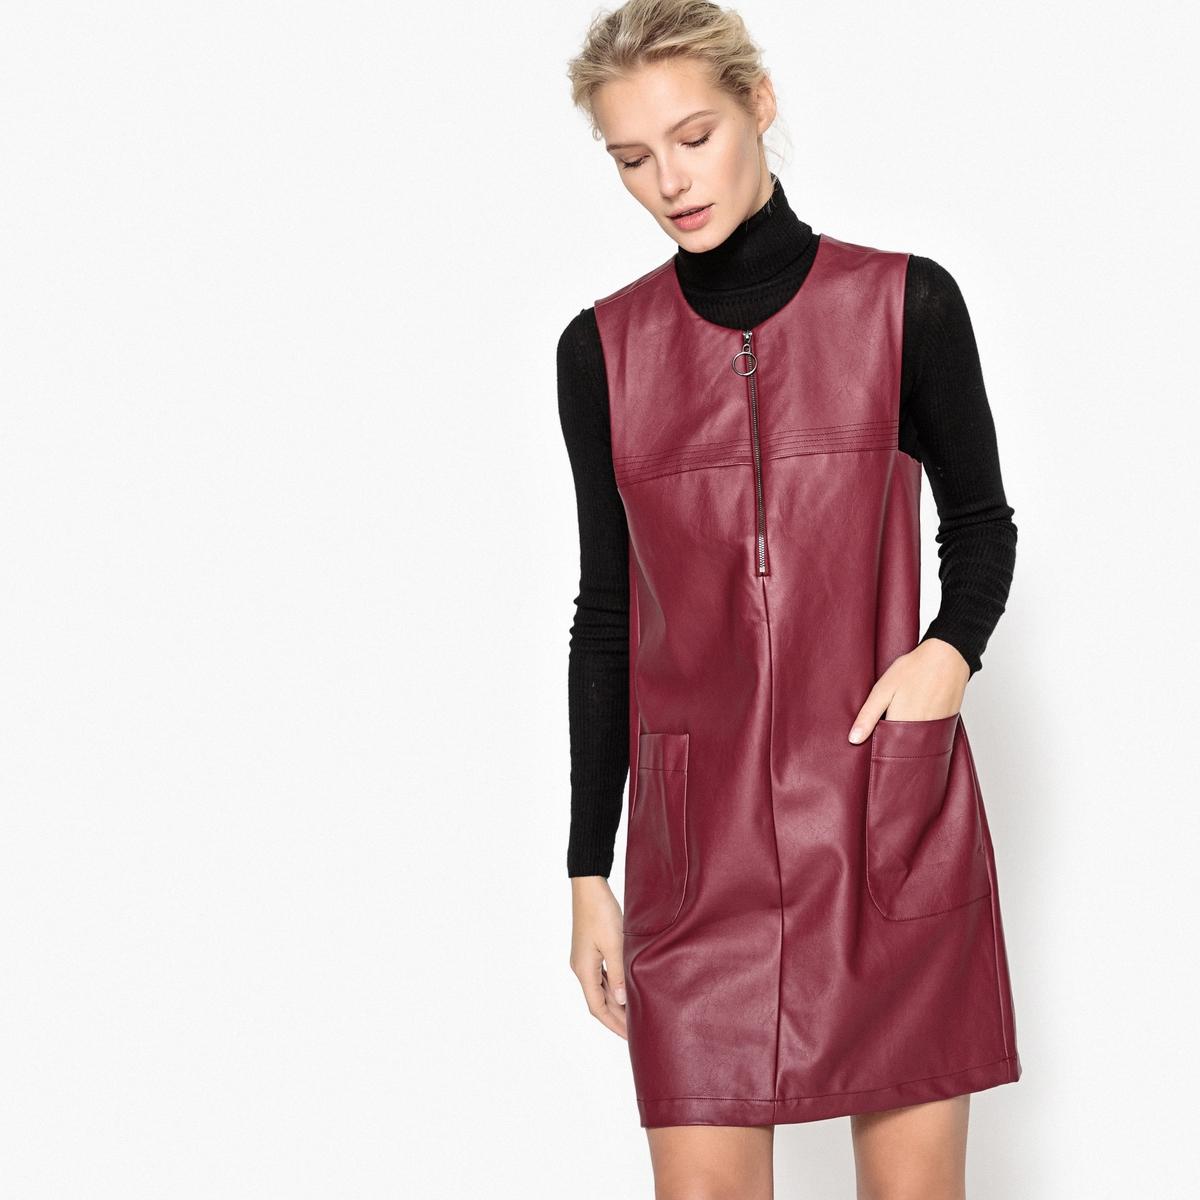 Платье прямое из искусственной кожи с застежкой на молнию спереди